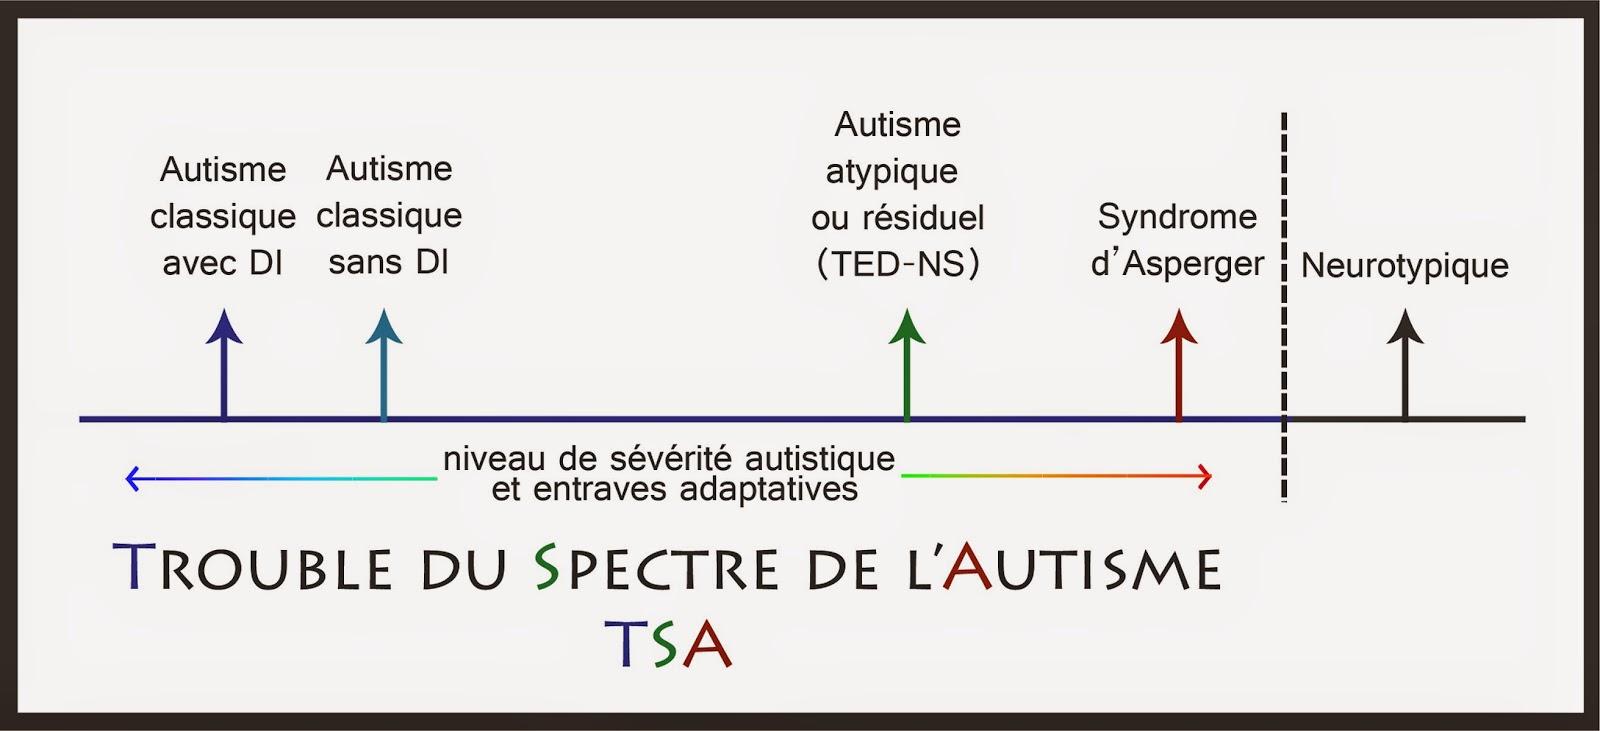 Autiste asperger rencontre du troisieme type